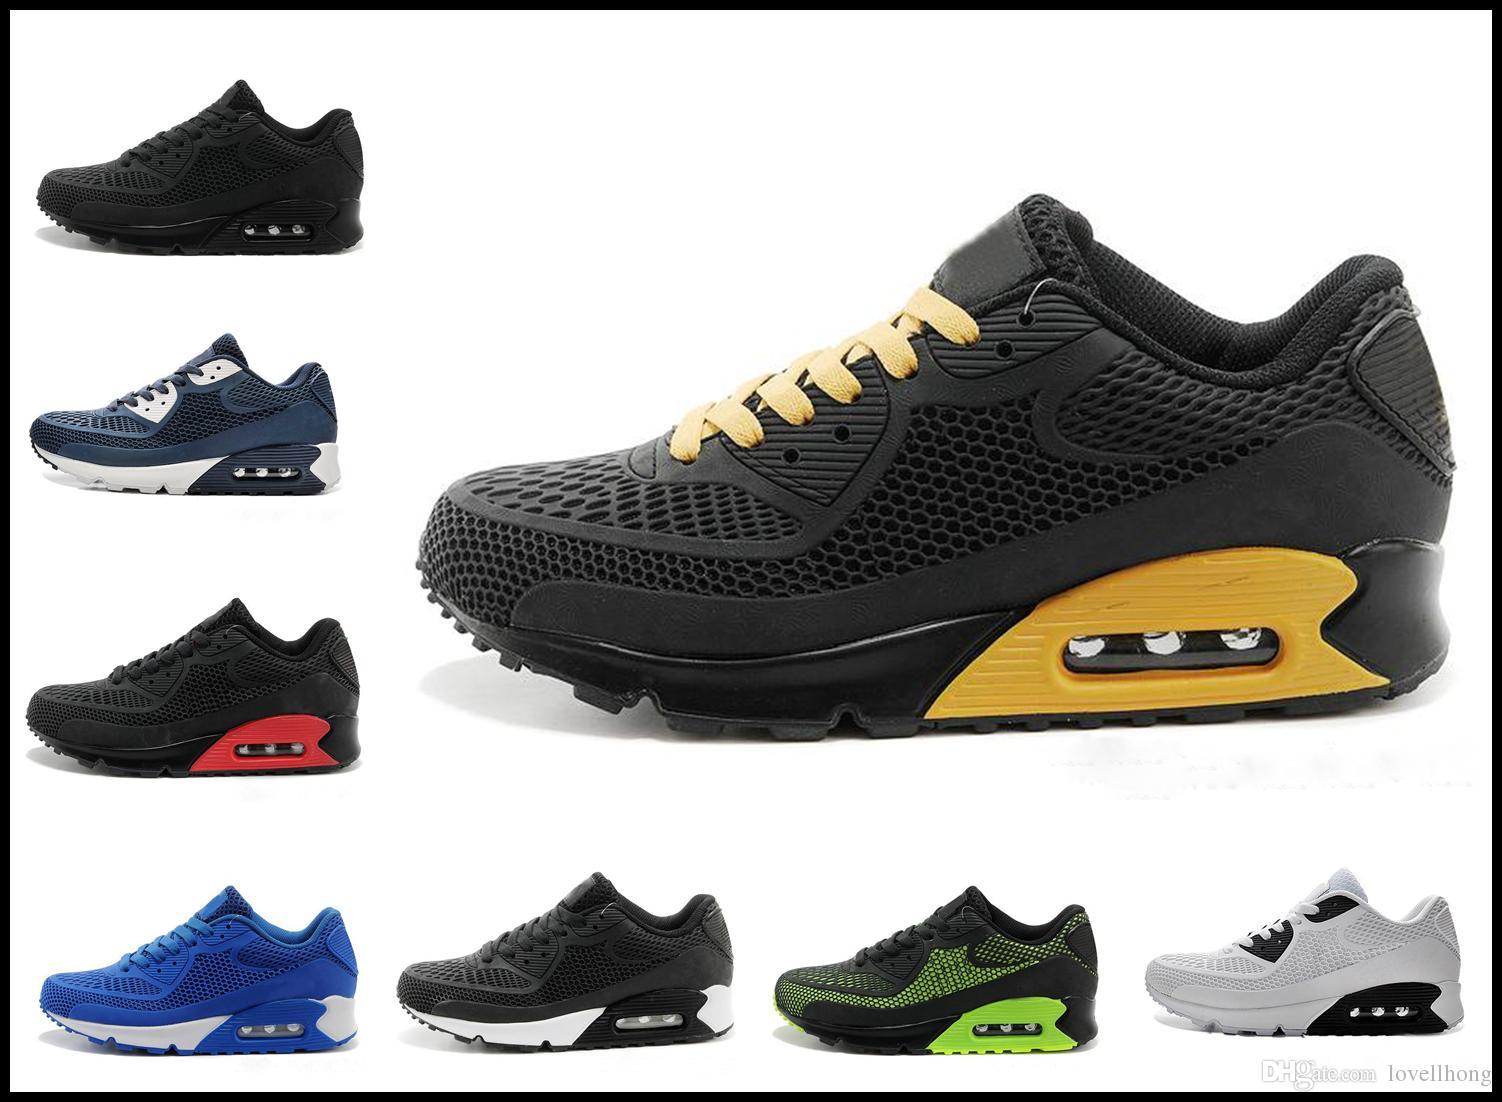 1c6abab08f Satın Al Nike Air Max 90 Kpu Airmax 2017 Yüksek Kaliteli Koşu Ayakkabıları  Yastık 90 KPU Mens Womens Klasik 90 Rahat Ayakkabılar Eğitmenler Sneakers  Adam ...